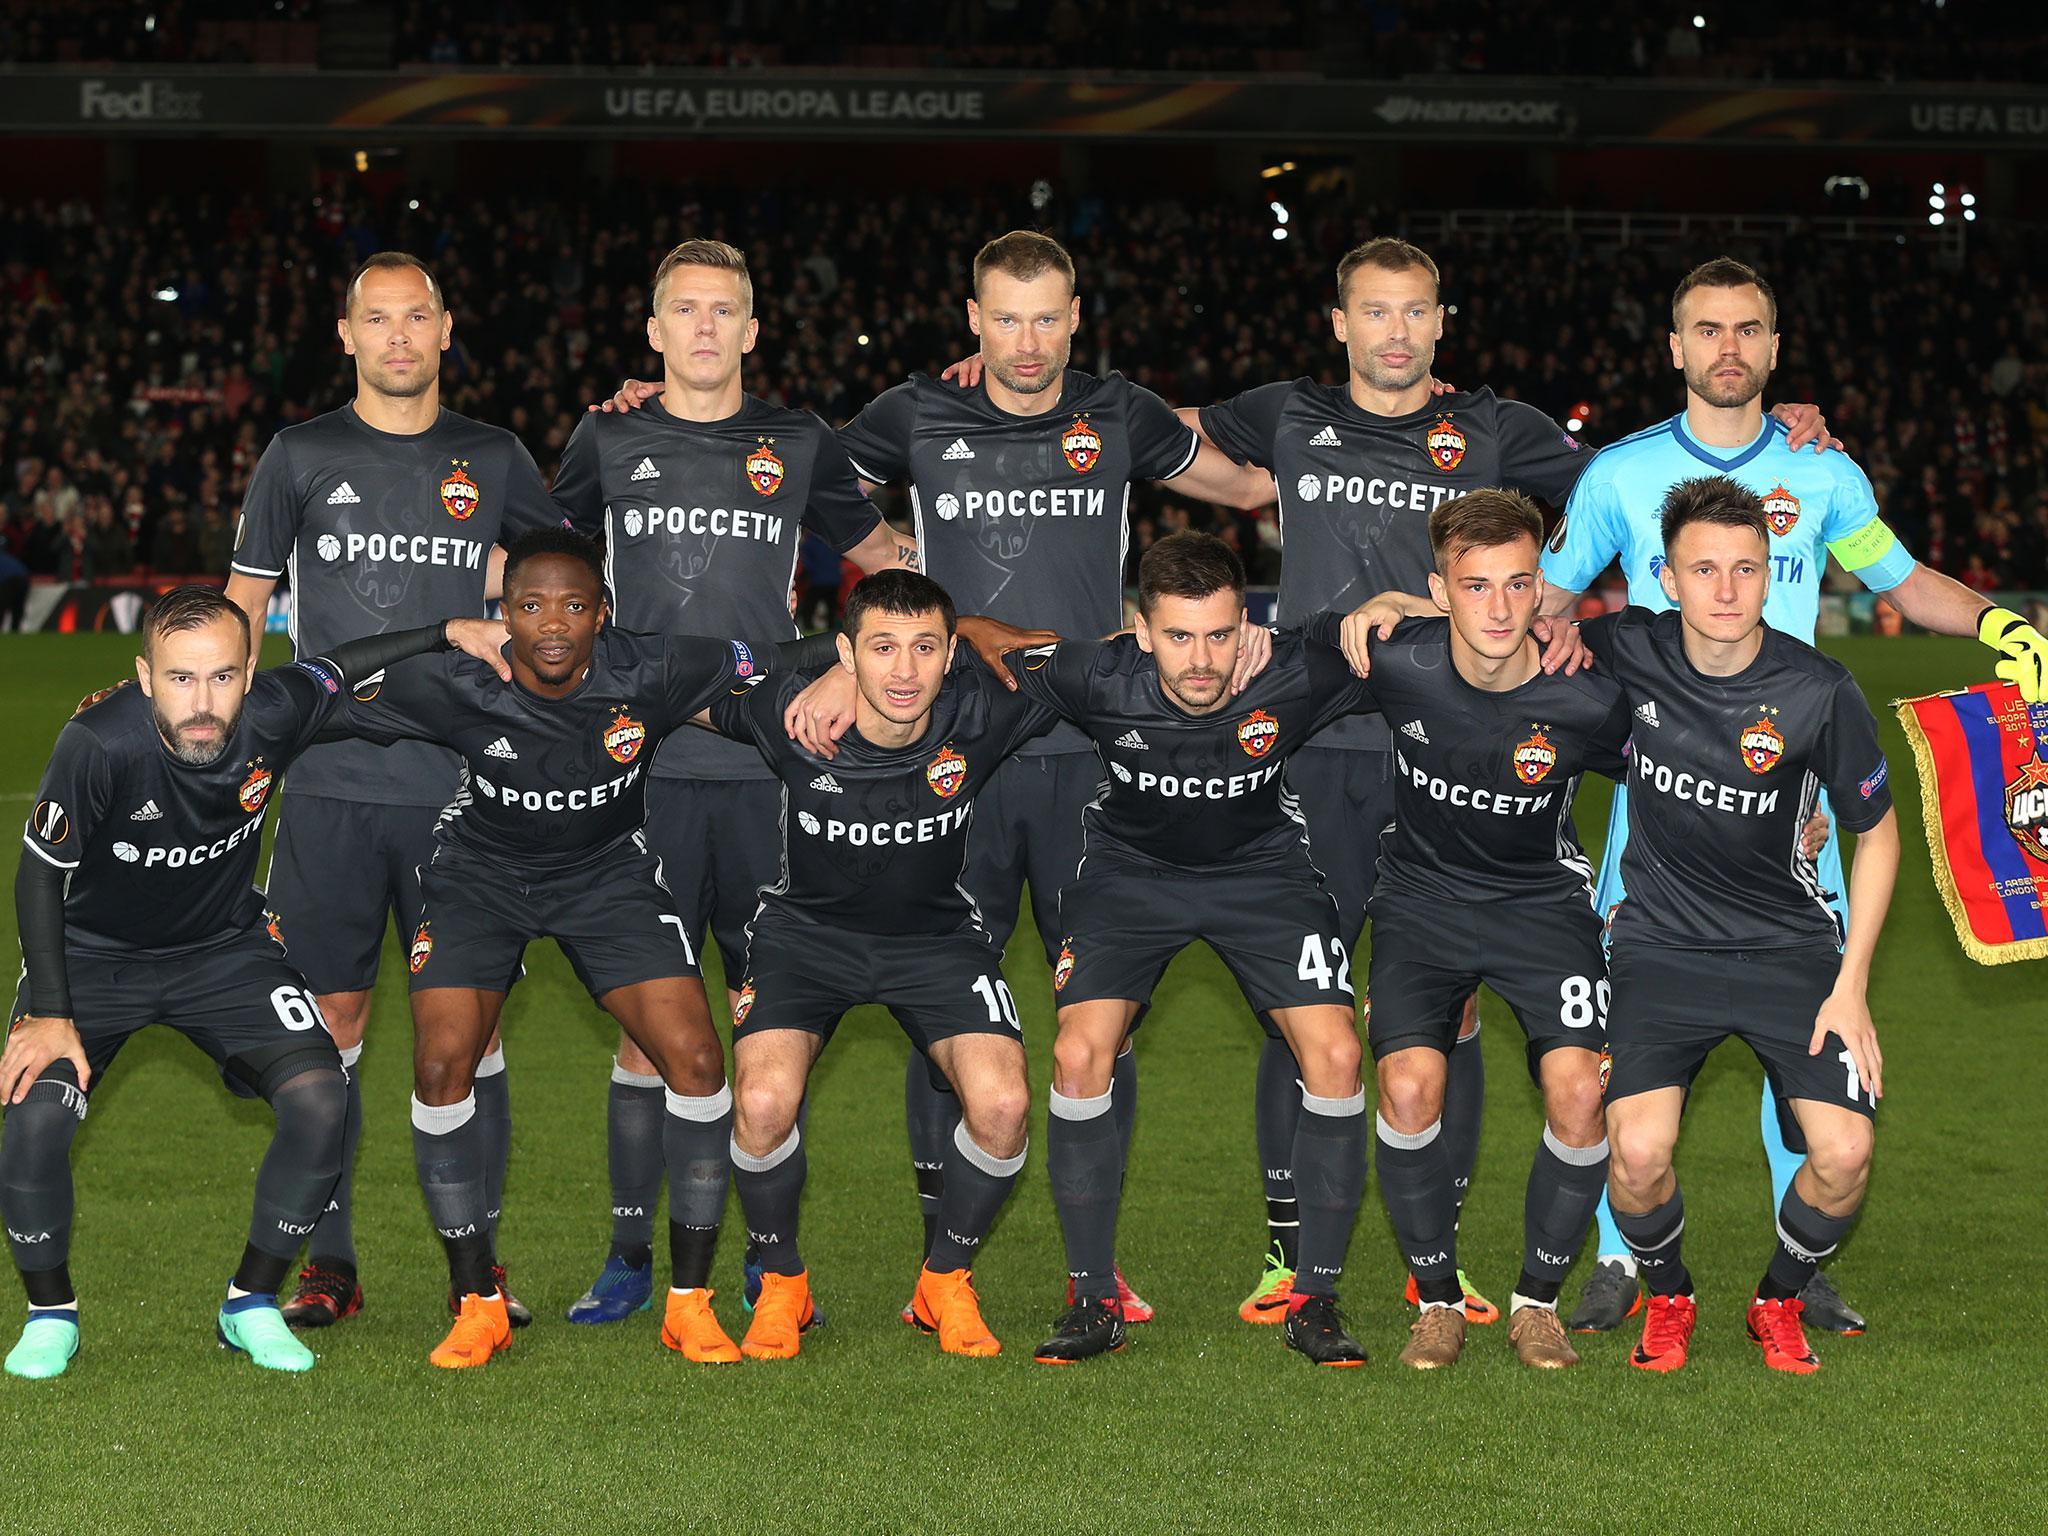 CSKA - what can this abbreviation mean 77